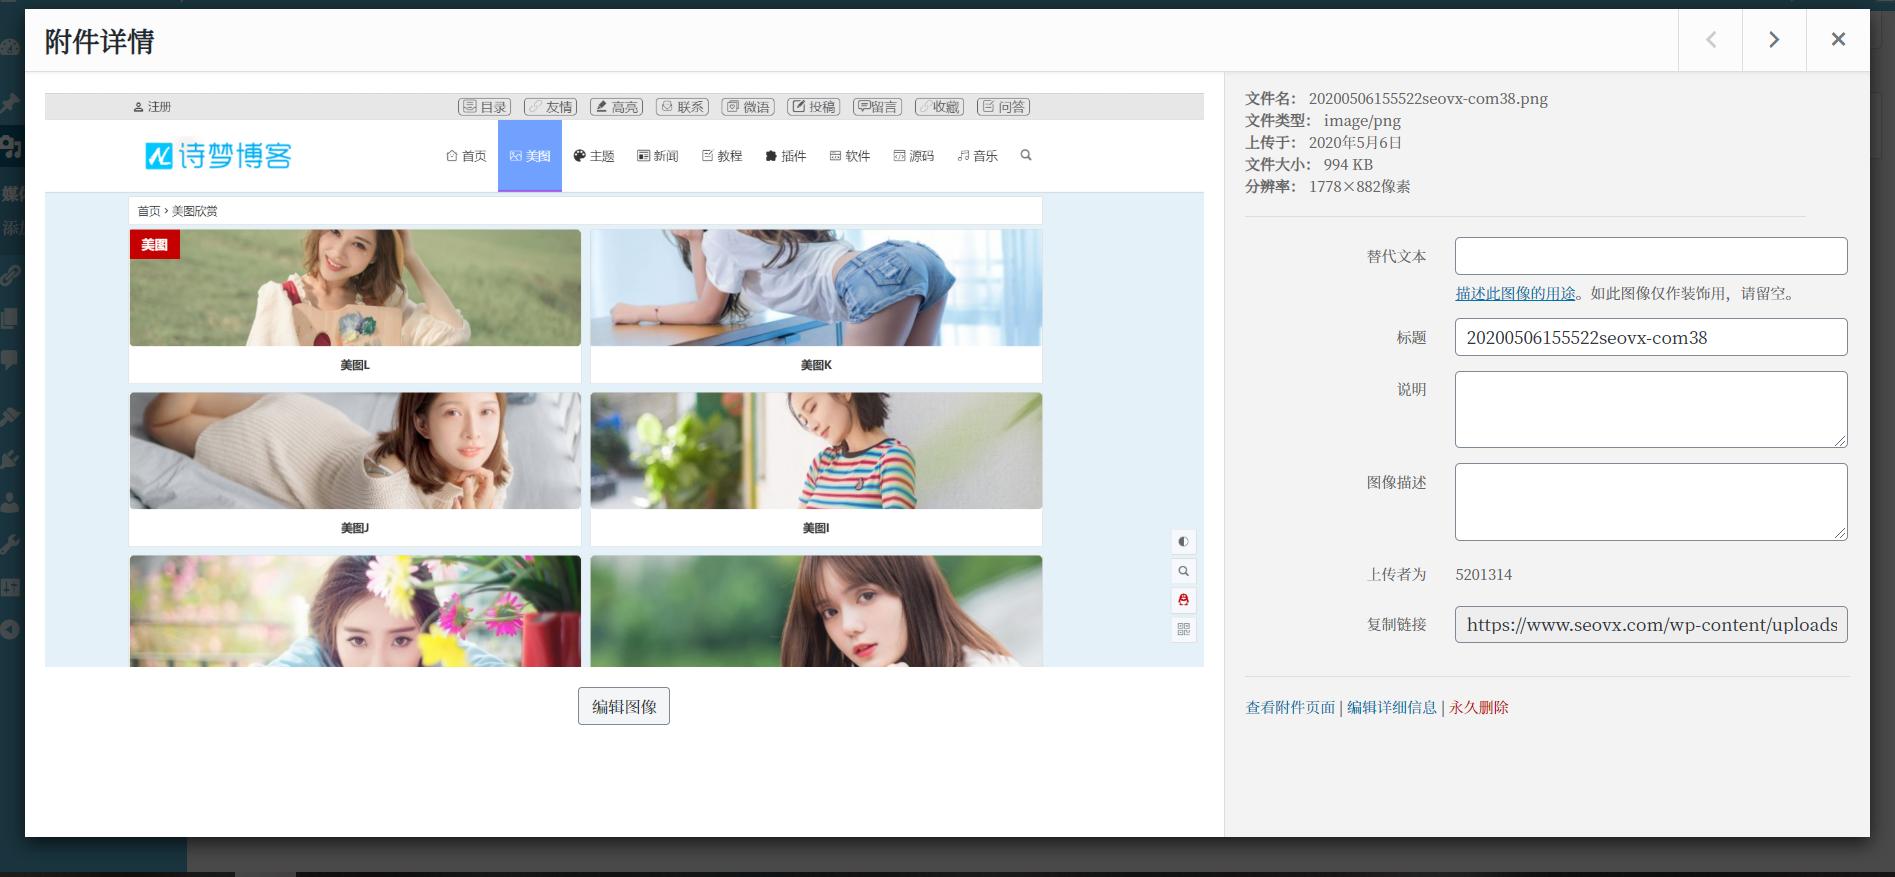 夏沫博客:WordPress后台上传图片自动重命名,血饮资源网